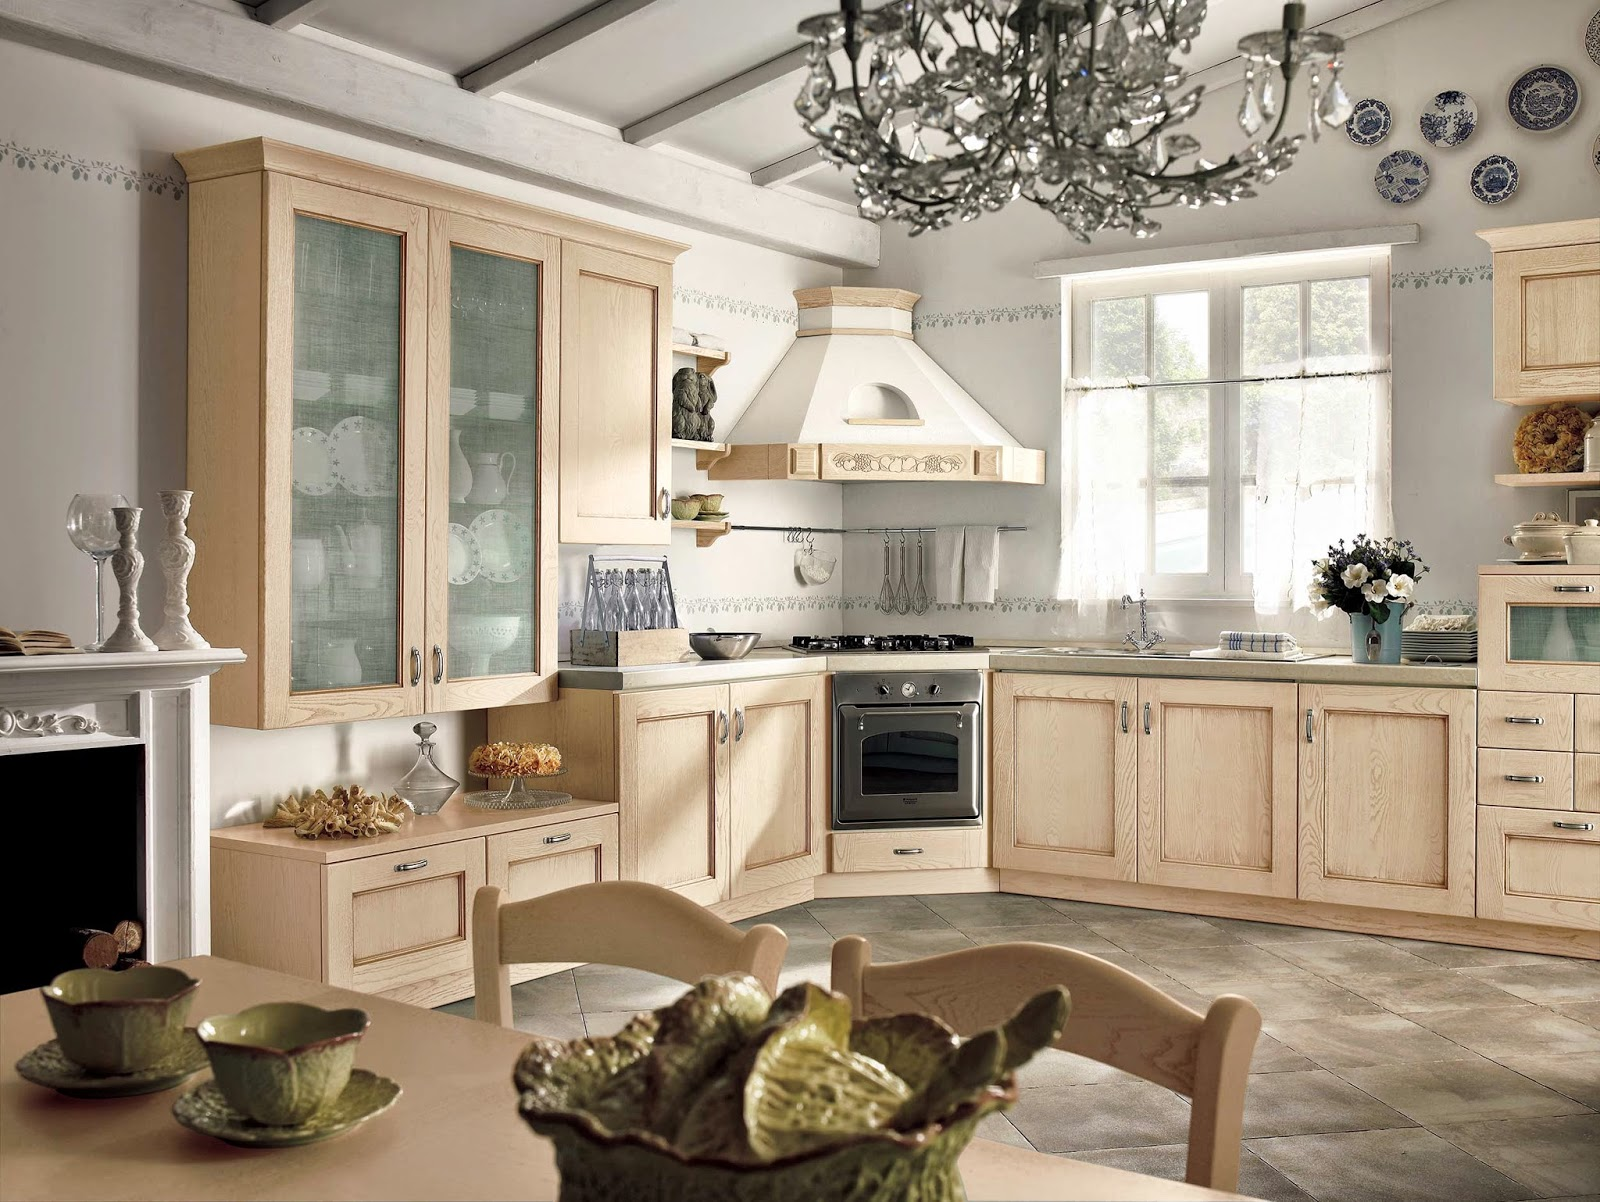 Cucine classiche cucina certosa di stosa - Cucina scavolini classica ...